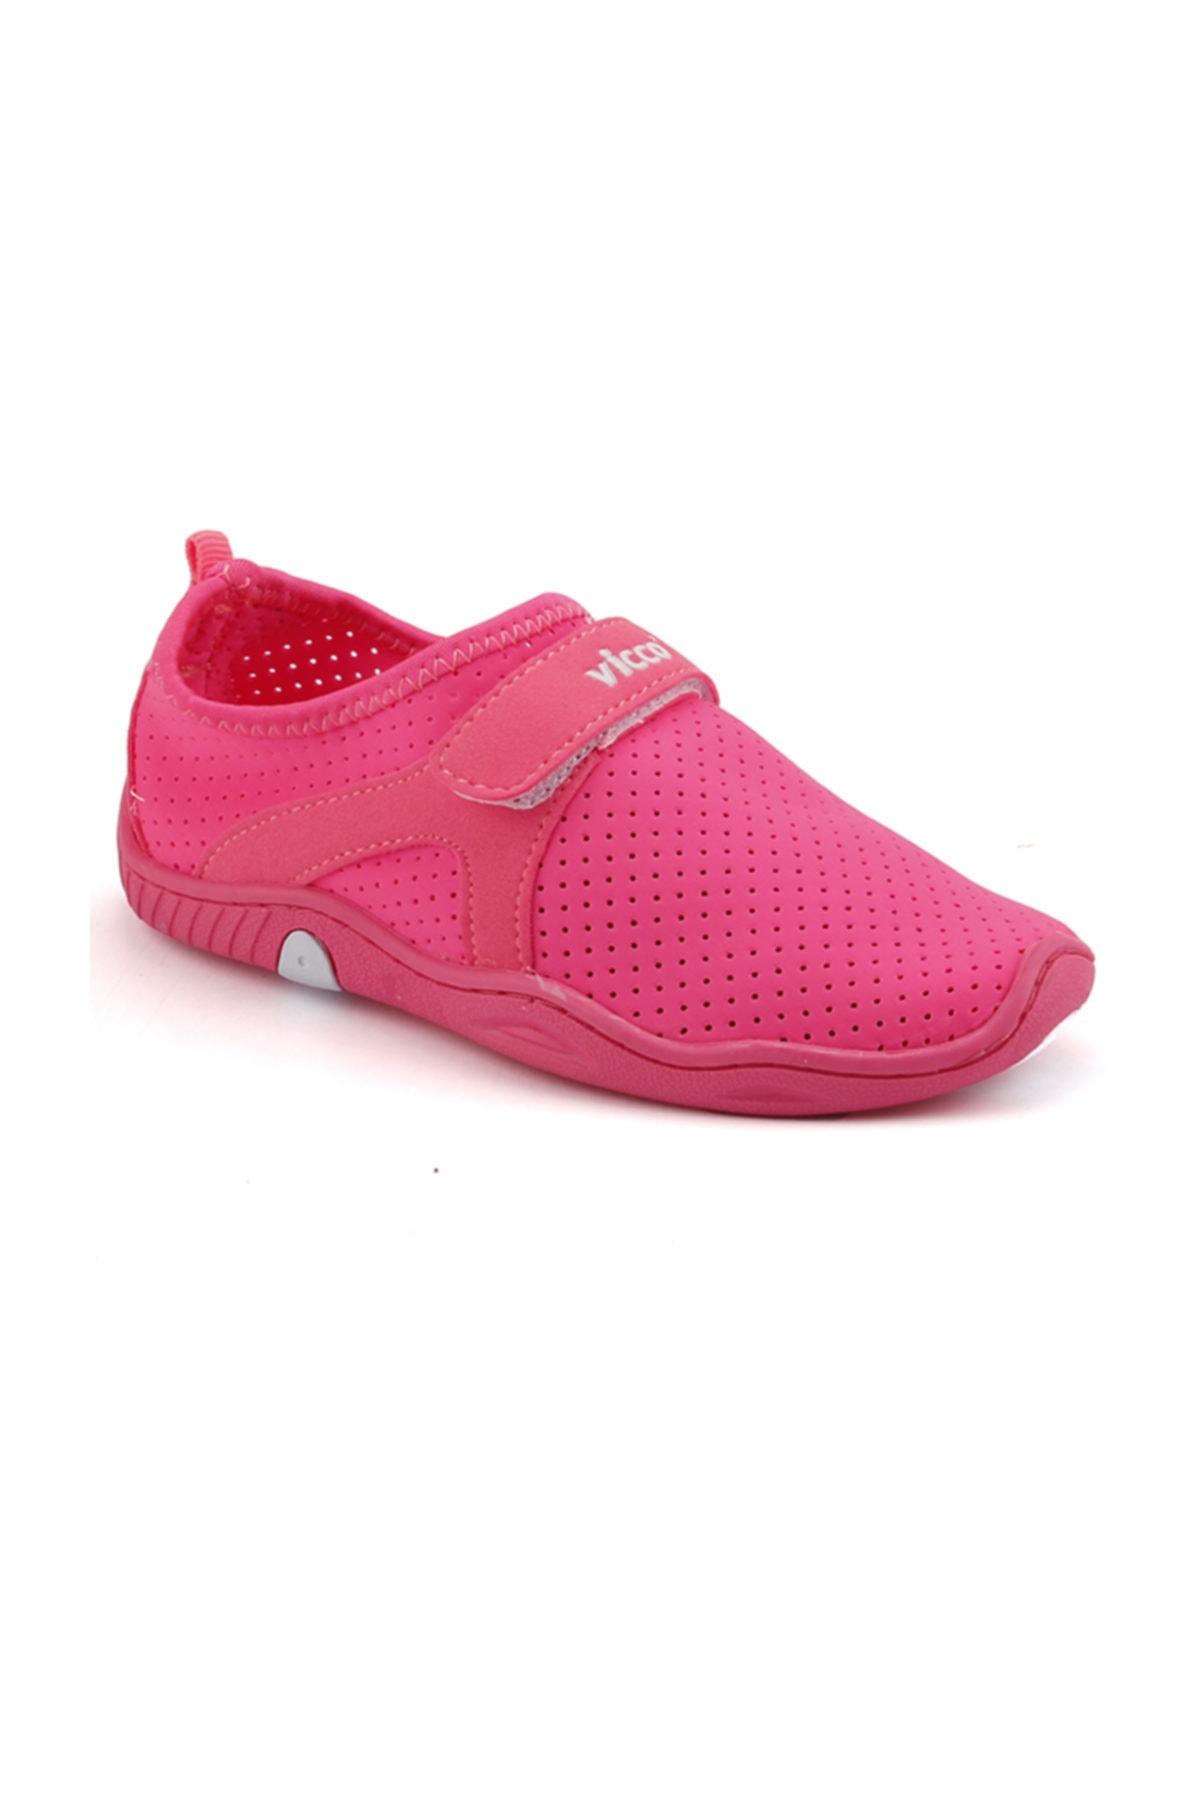 Vicco Pembe Kız Çocuk Deniz Ayakkabısı 1